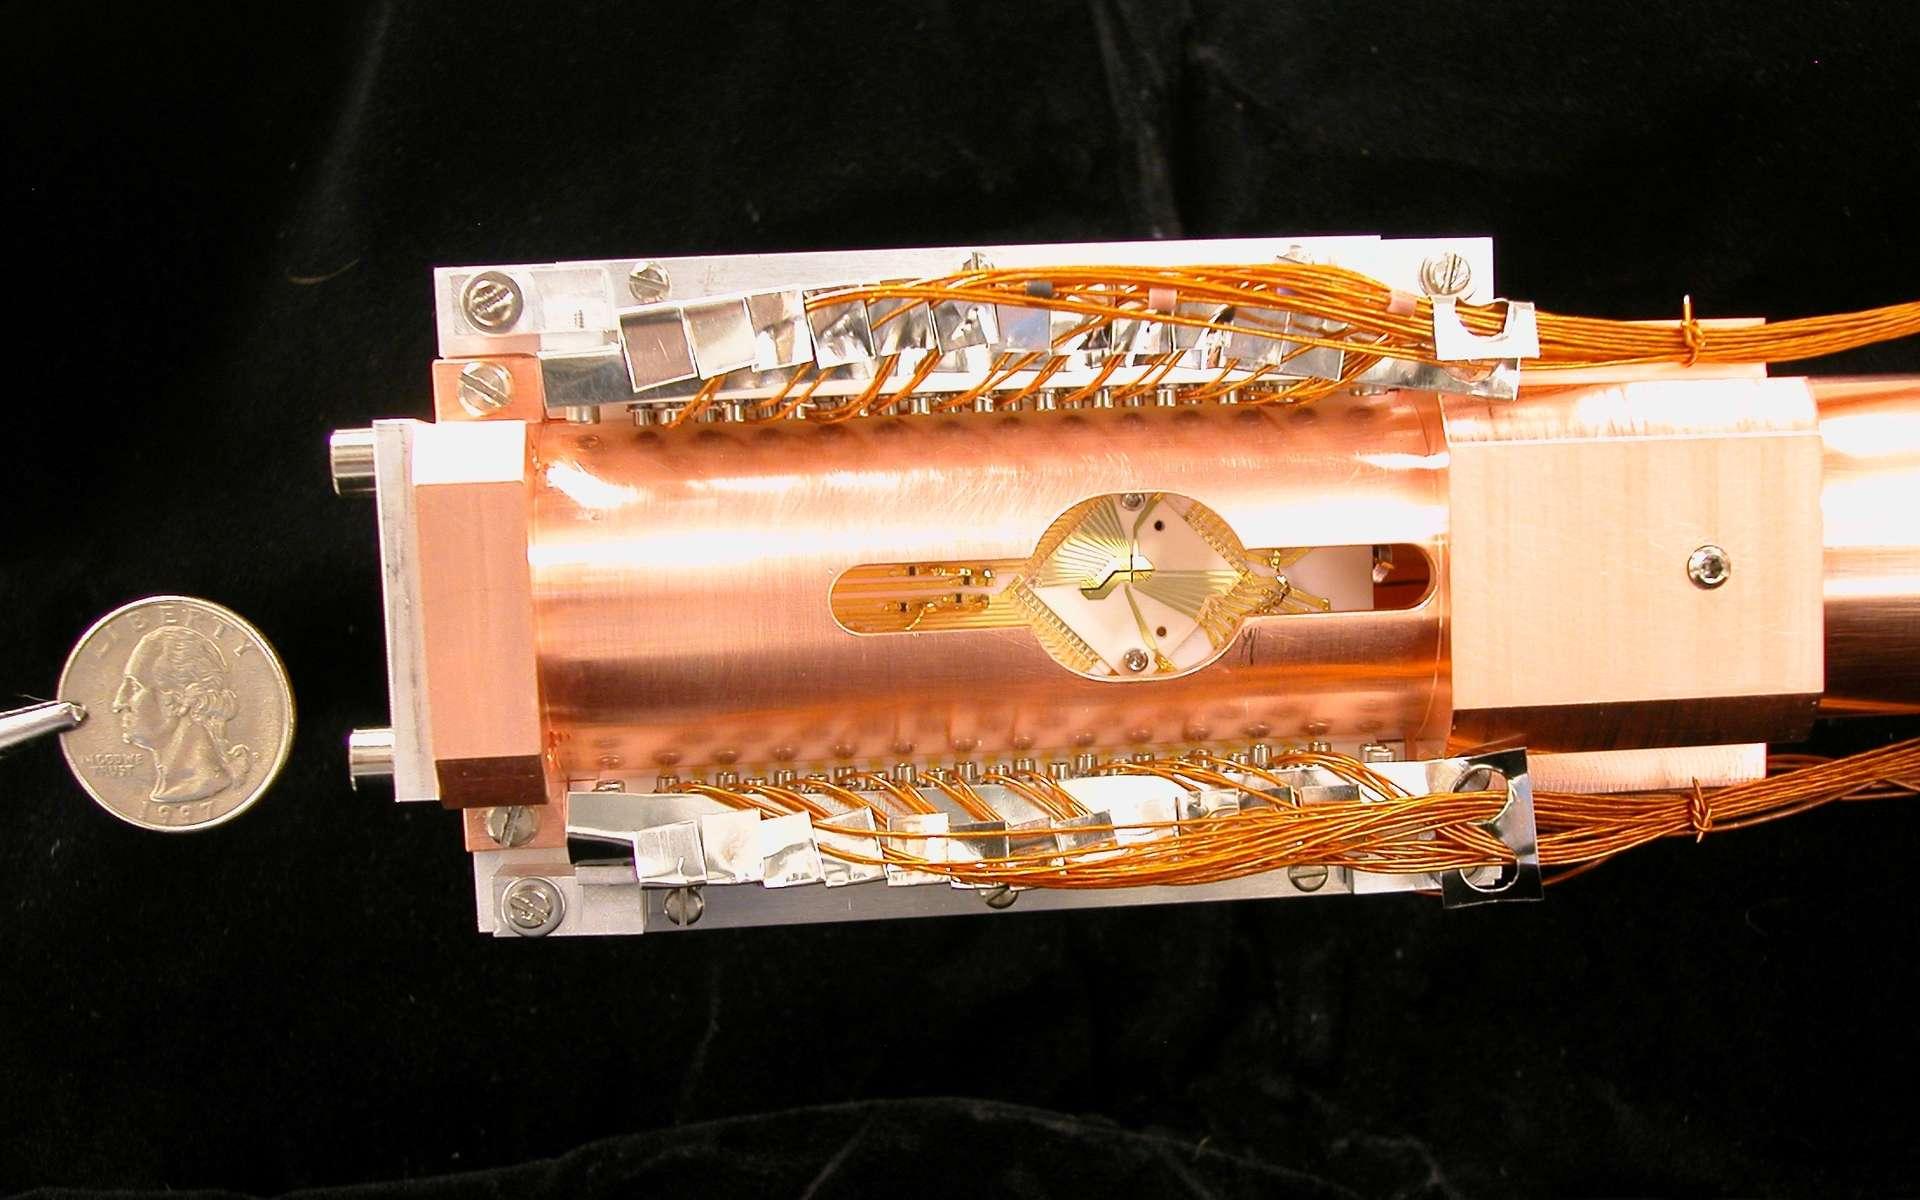 Le piège à ions utilisé pour faire des expériences d'intrication quantique entre des ions de magnésium et de béryllium est en réalité de petite taille sur la photo du dispositif qui le porte. Les deux ions y sont séparés par une distance de 4 microns et sous vide. © Blakestad, NIST